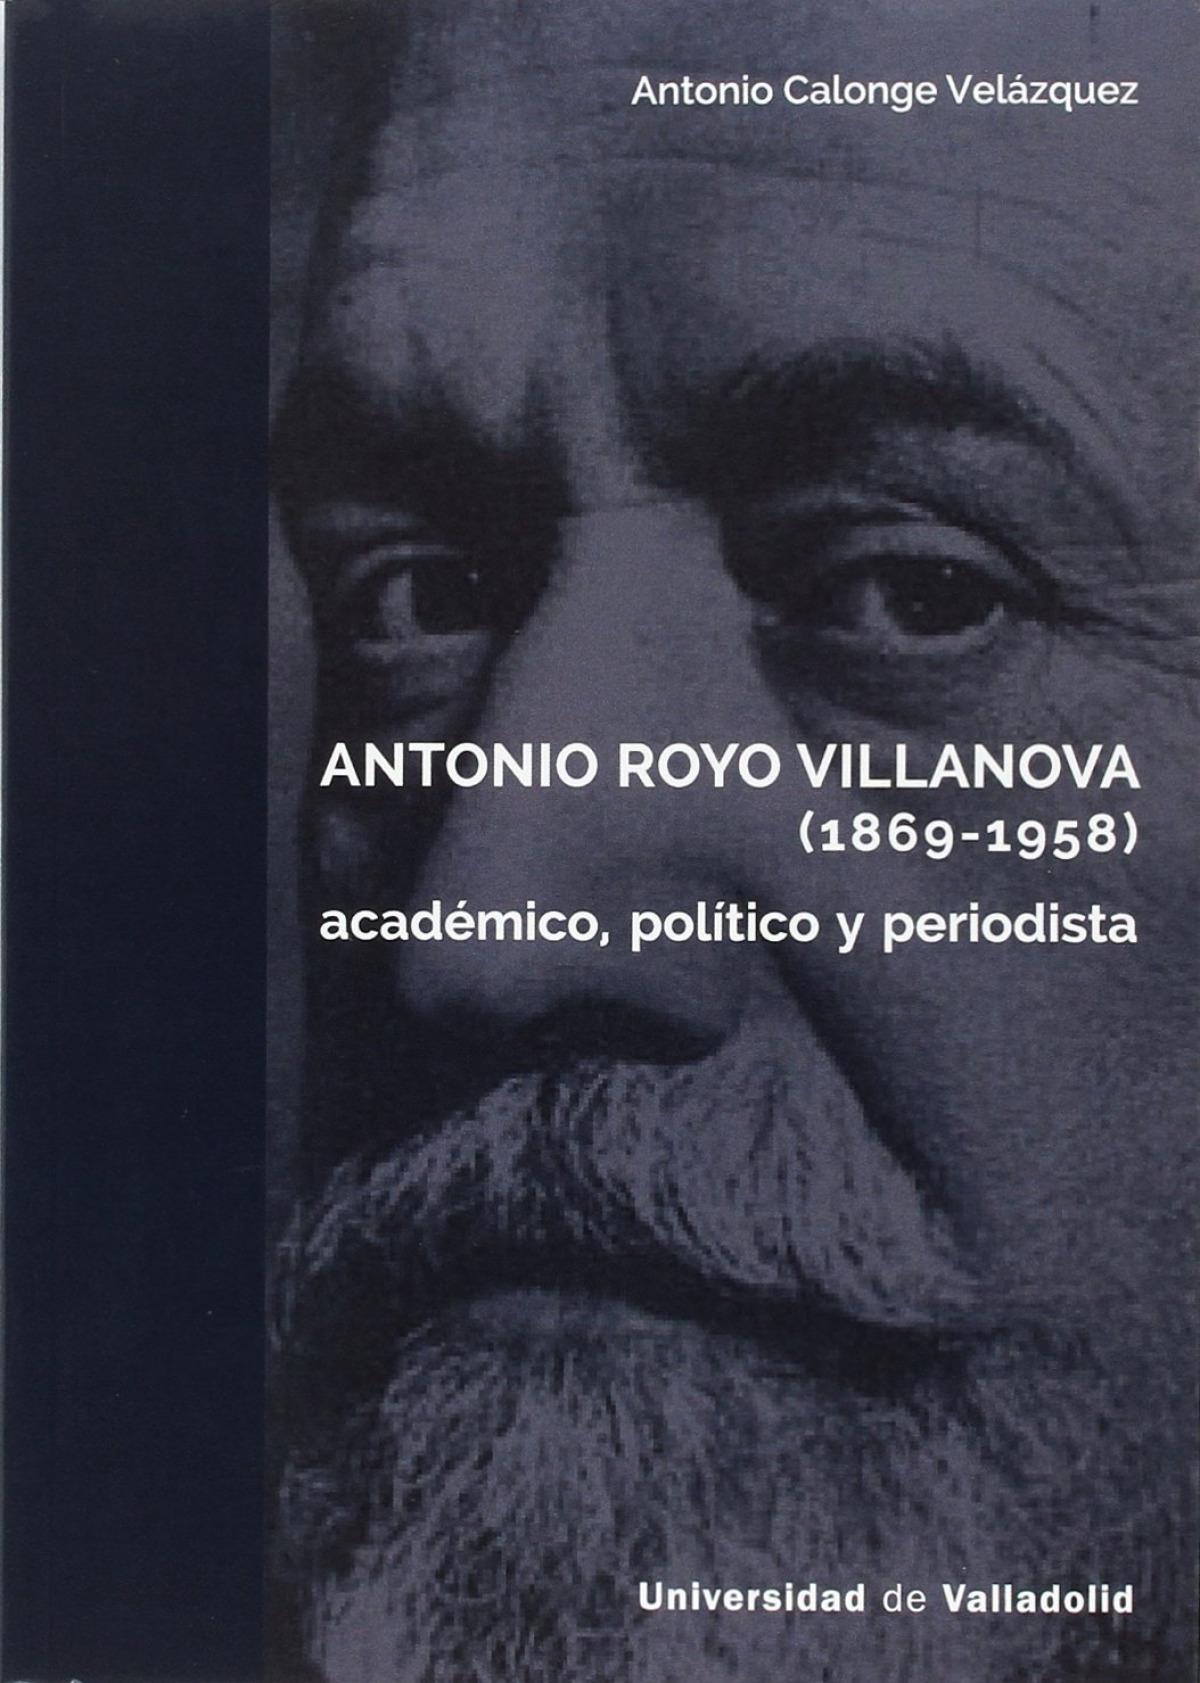 ANTONIO ROYO VILLANOVA (1869-1958) 9788484489214